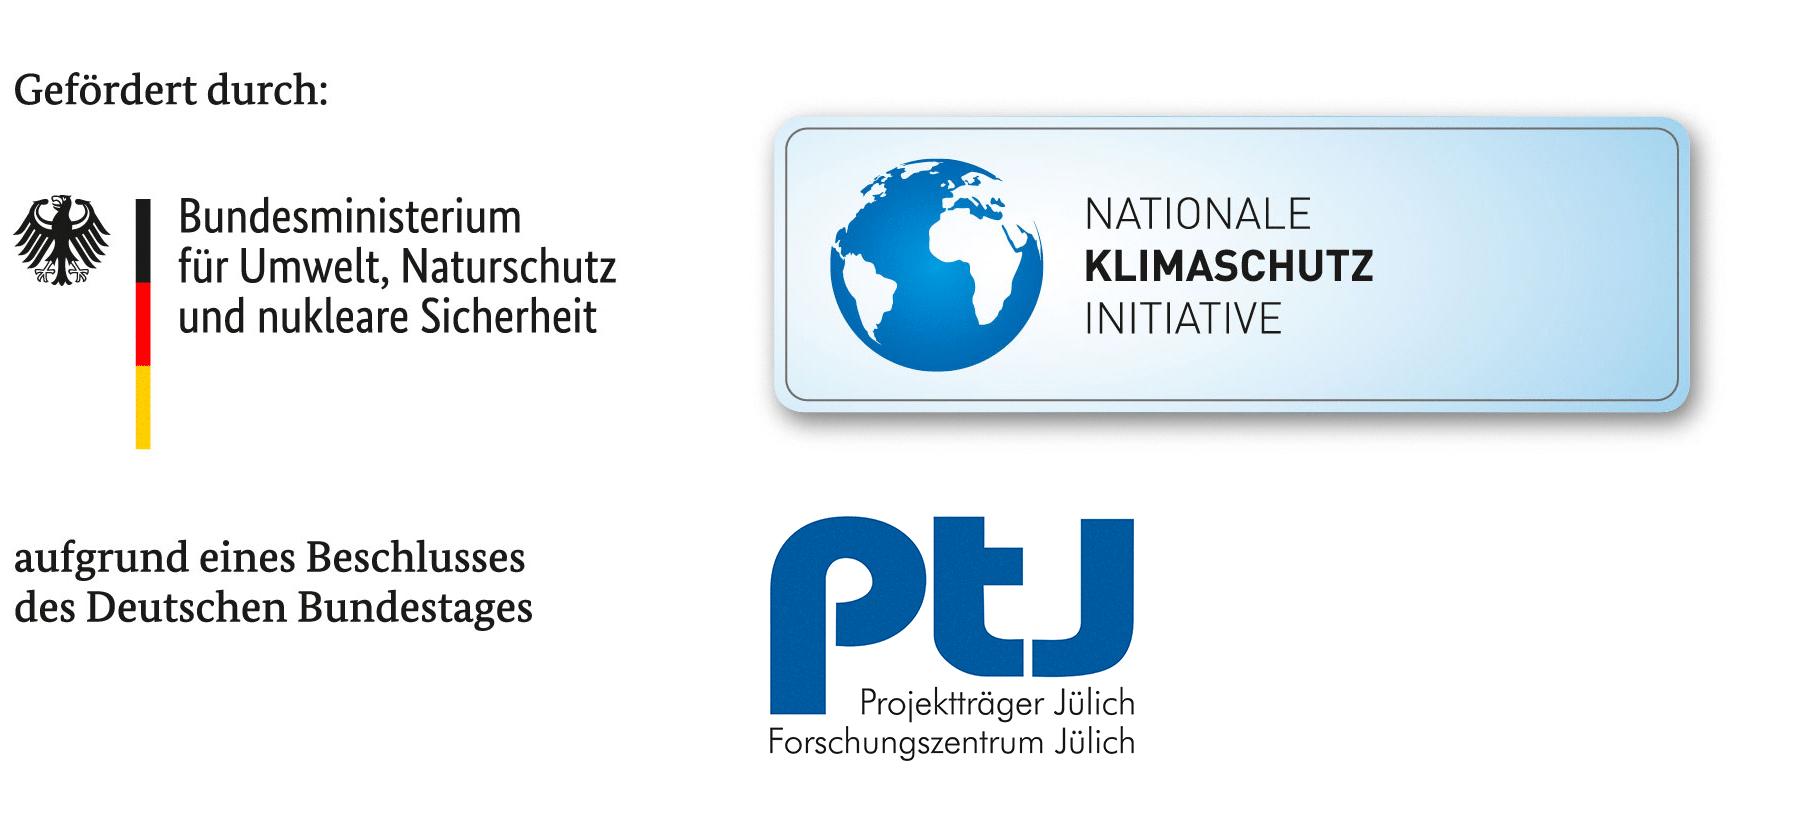 Gefoerdert durch die Bundesrepublik Deutschland, Zuwendungsgeber: Bundesministerium für Umwelt